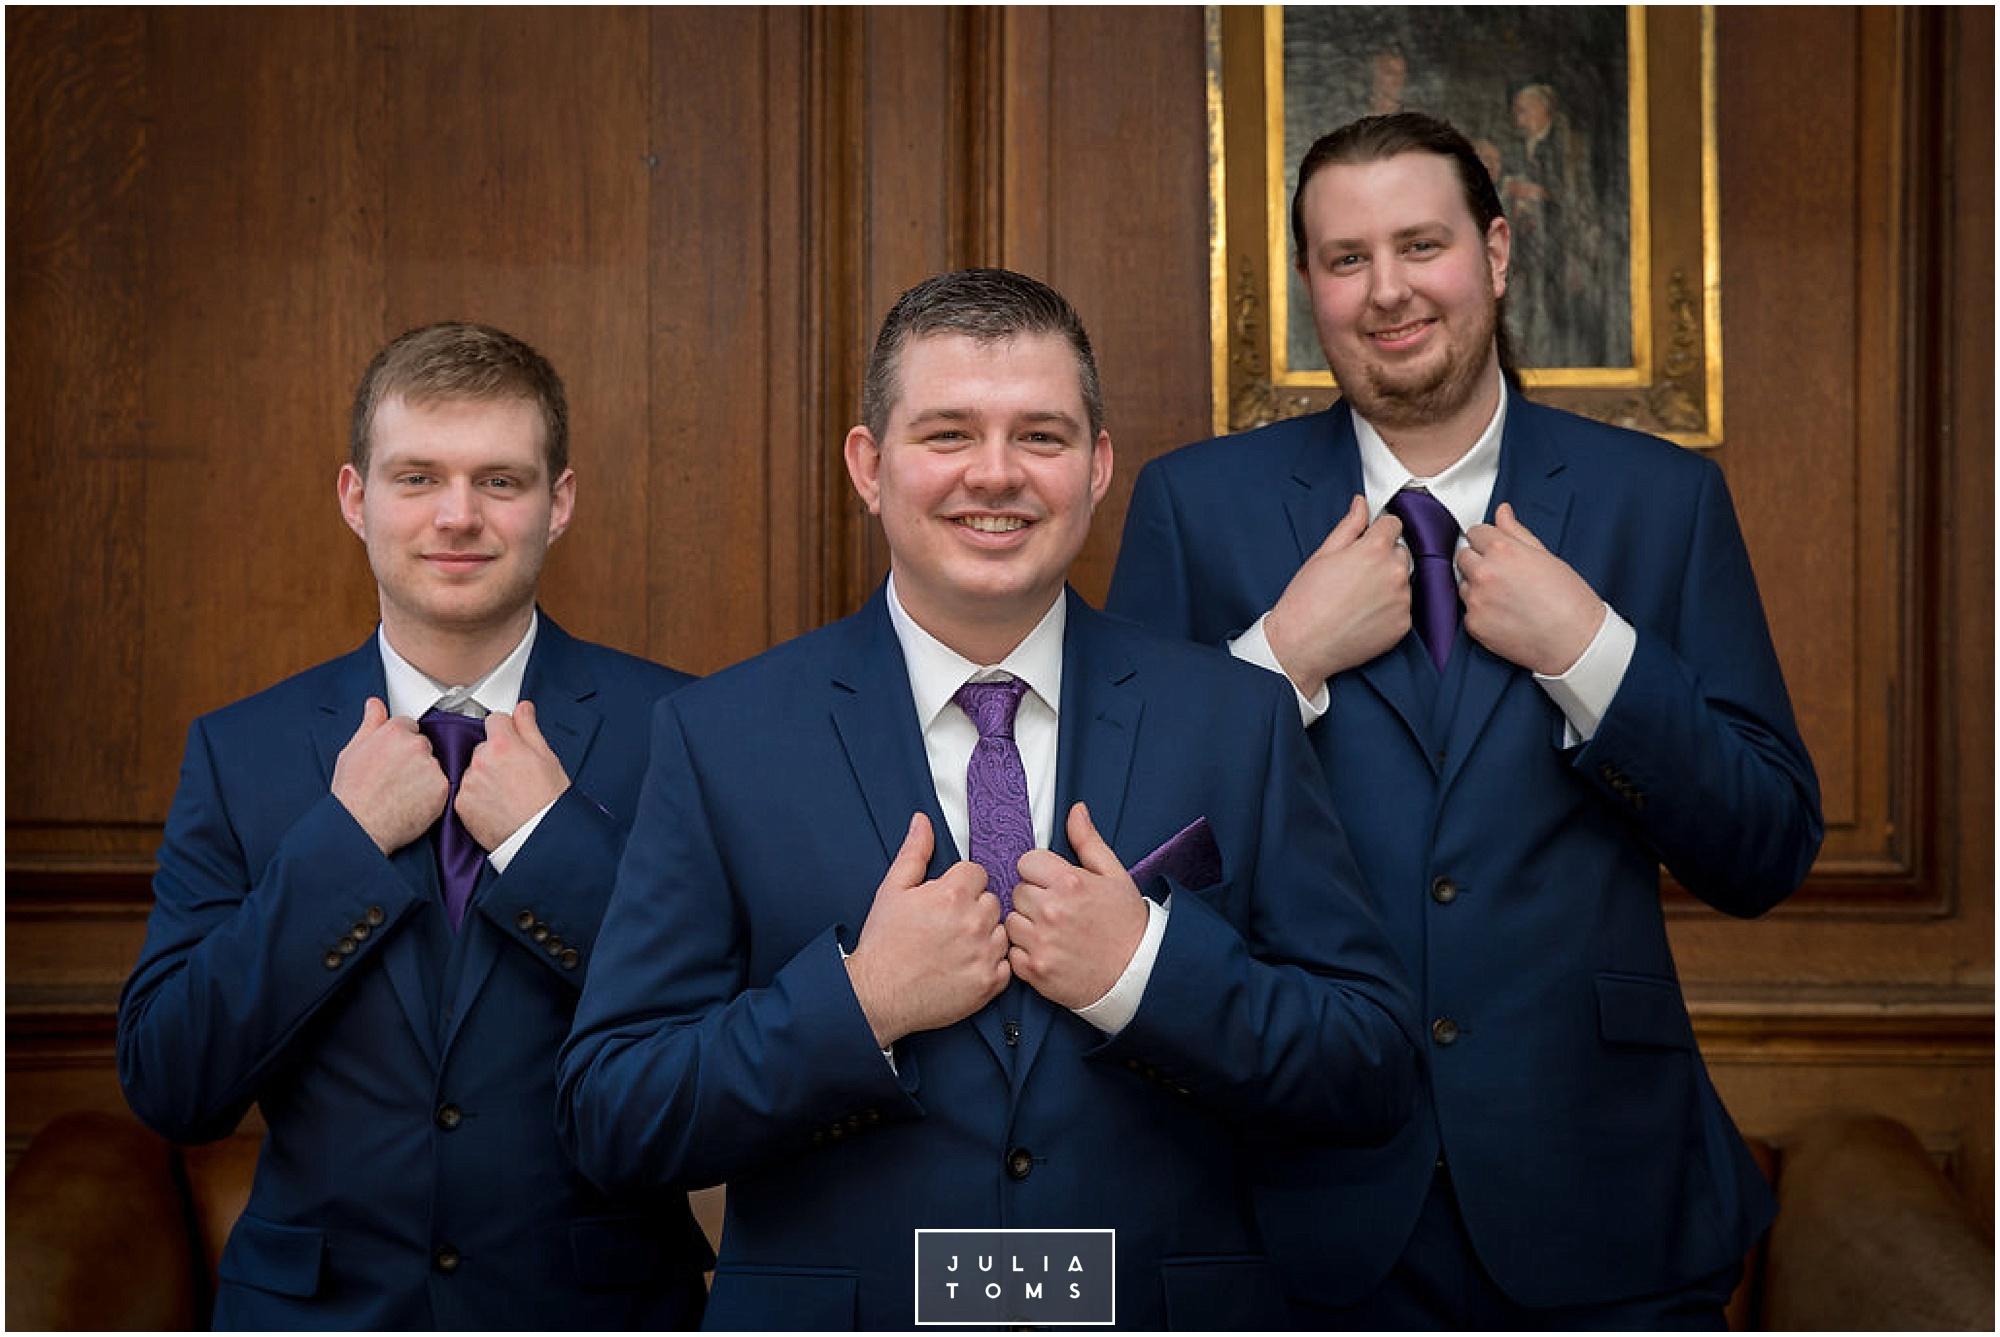 JuliaToms_chichester_wedding_photograher_edes_house_013.jpg